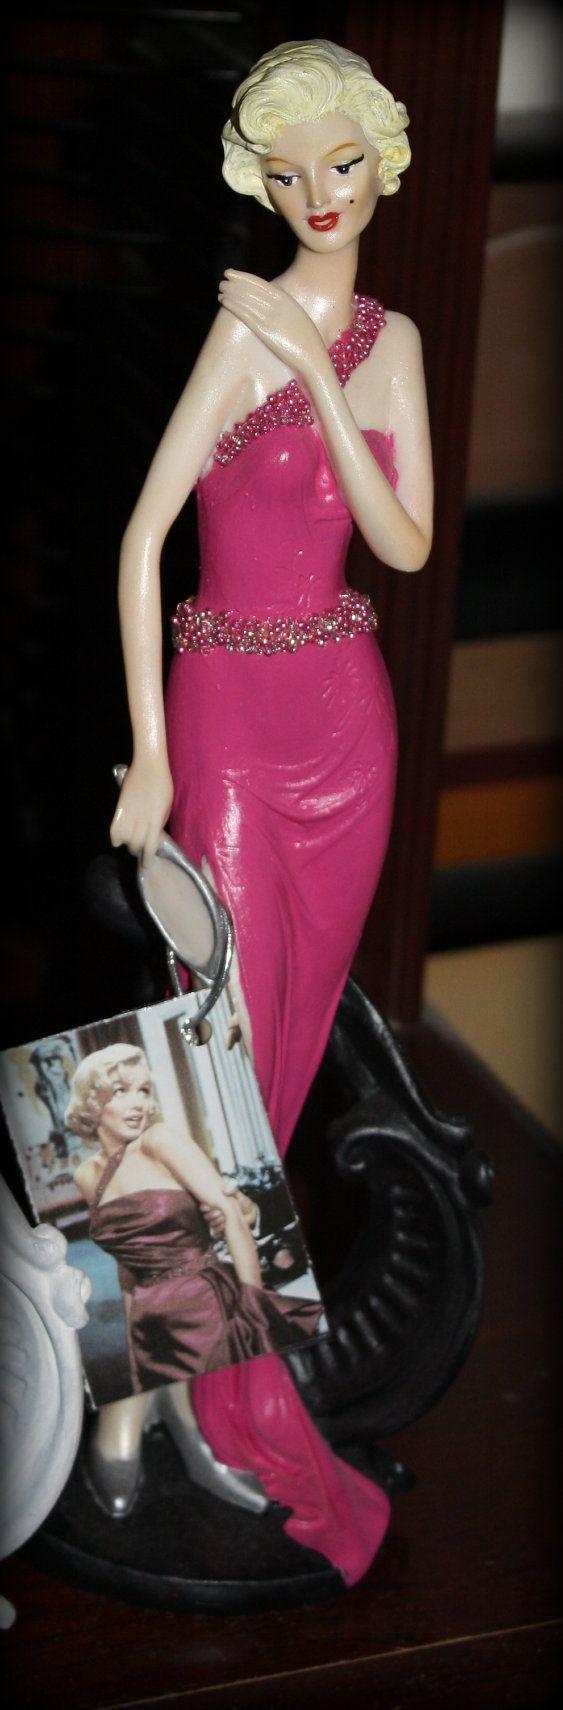 Encantador Vestido De Fiesta De Marilyn Monroe Bandera - Colección ...